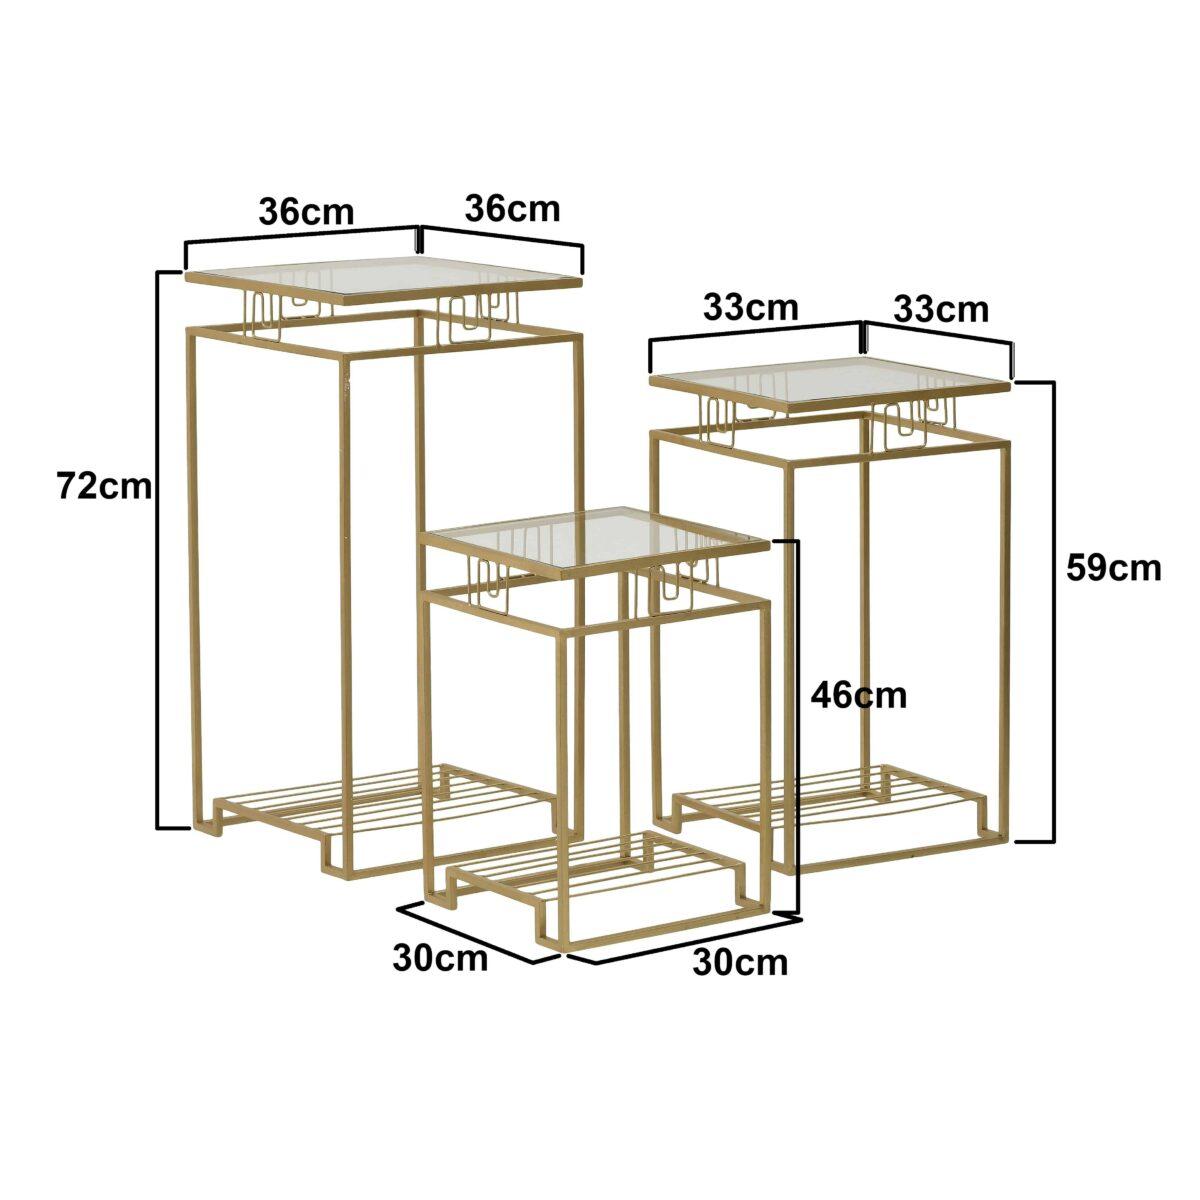 Τραπέζια Τετράγωνα Γυάλινα/ Μεταλλικά Χρυσά, Σετ Των 3, Inart